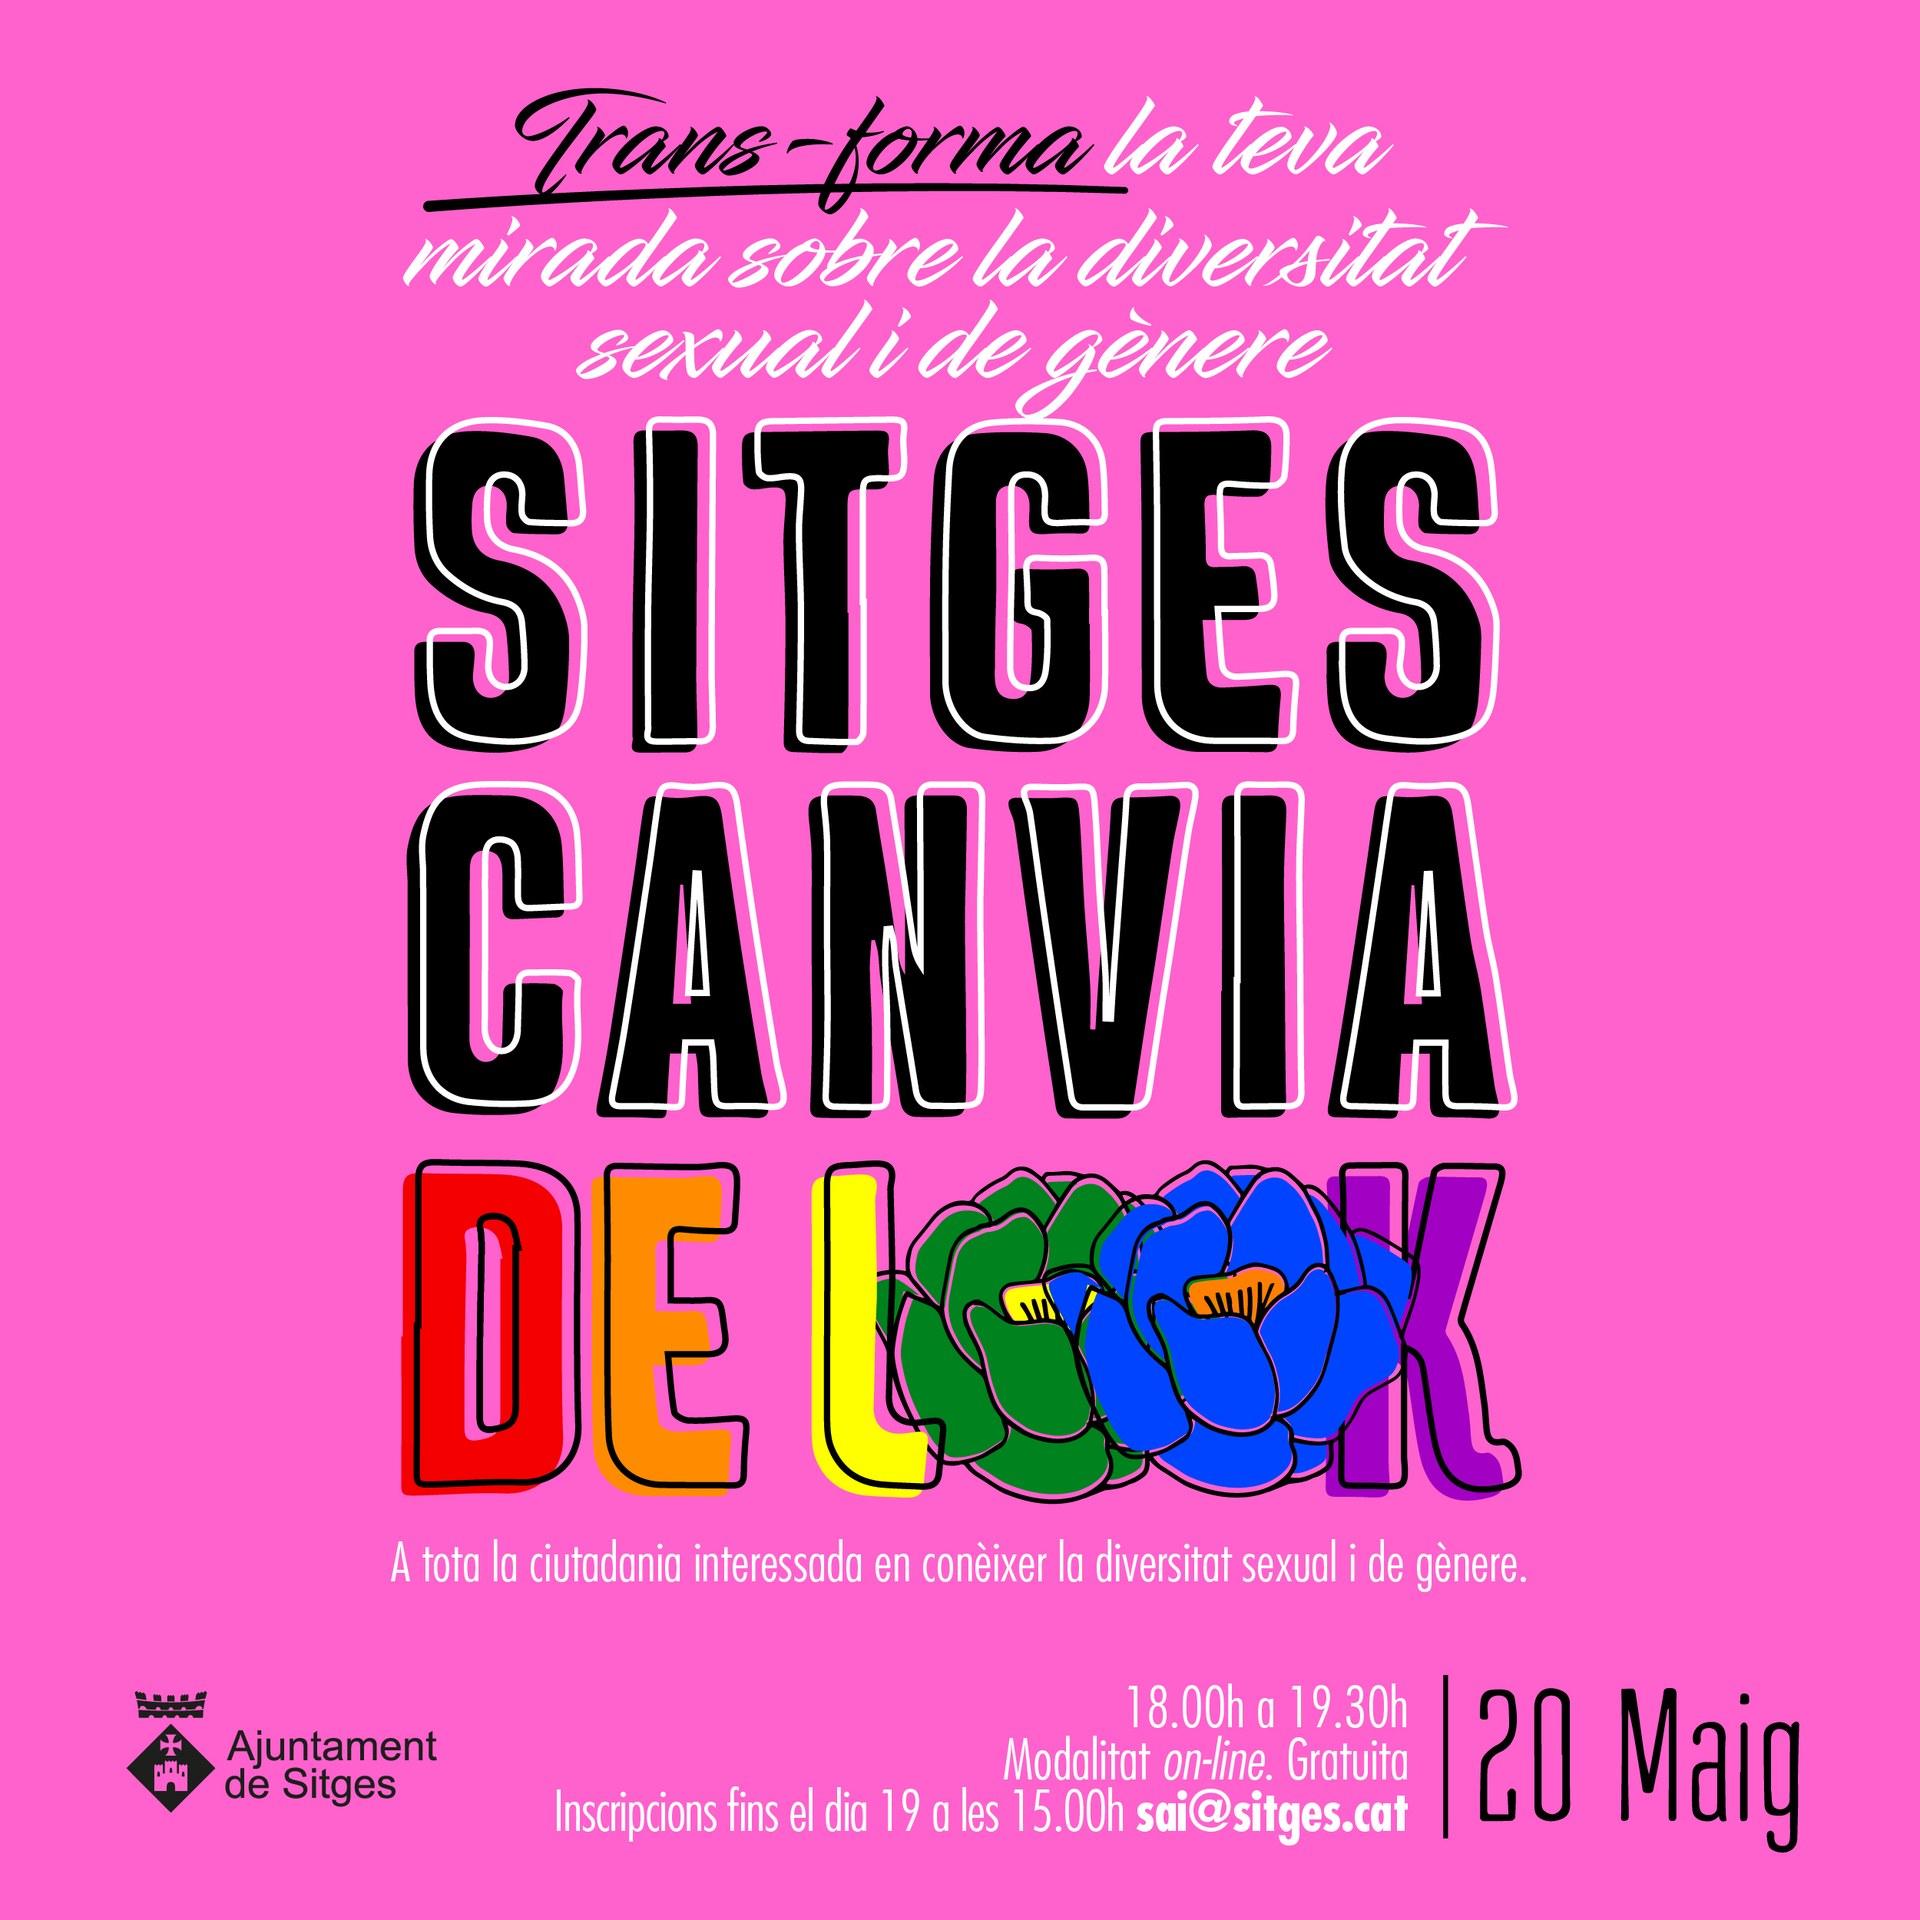 Sitges, Canvia de Look!